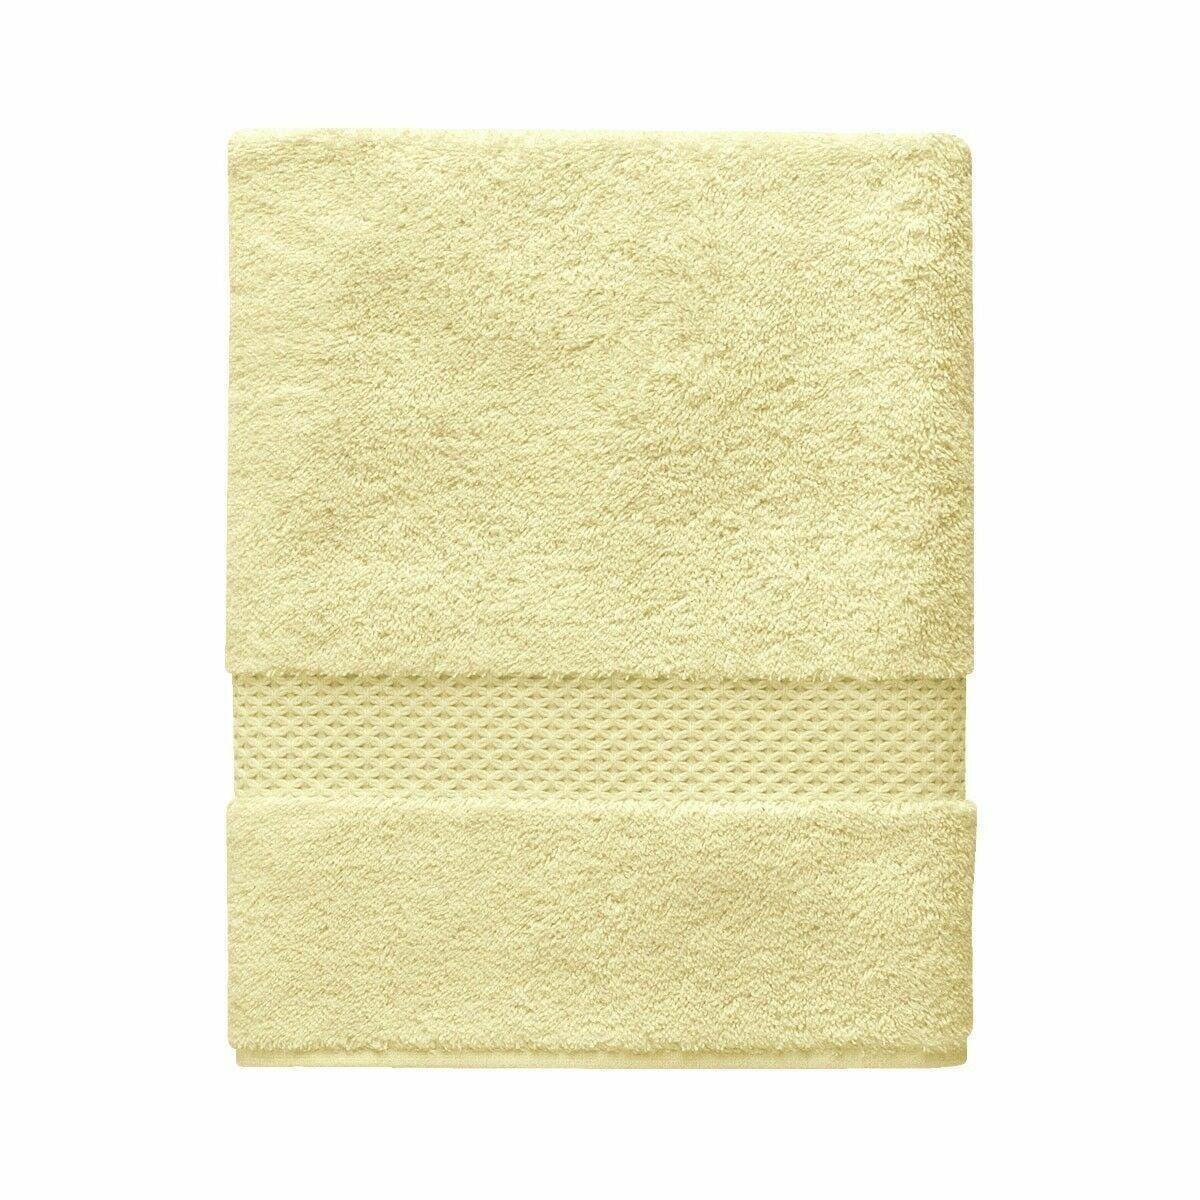 NWT Yves Delorme Paris Etoile Guest Towel, Color: Honey – Set of 4 Bath